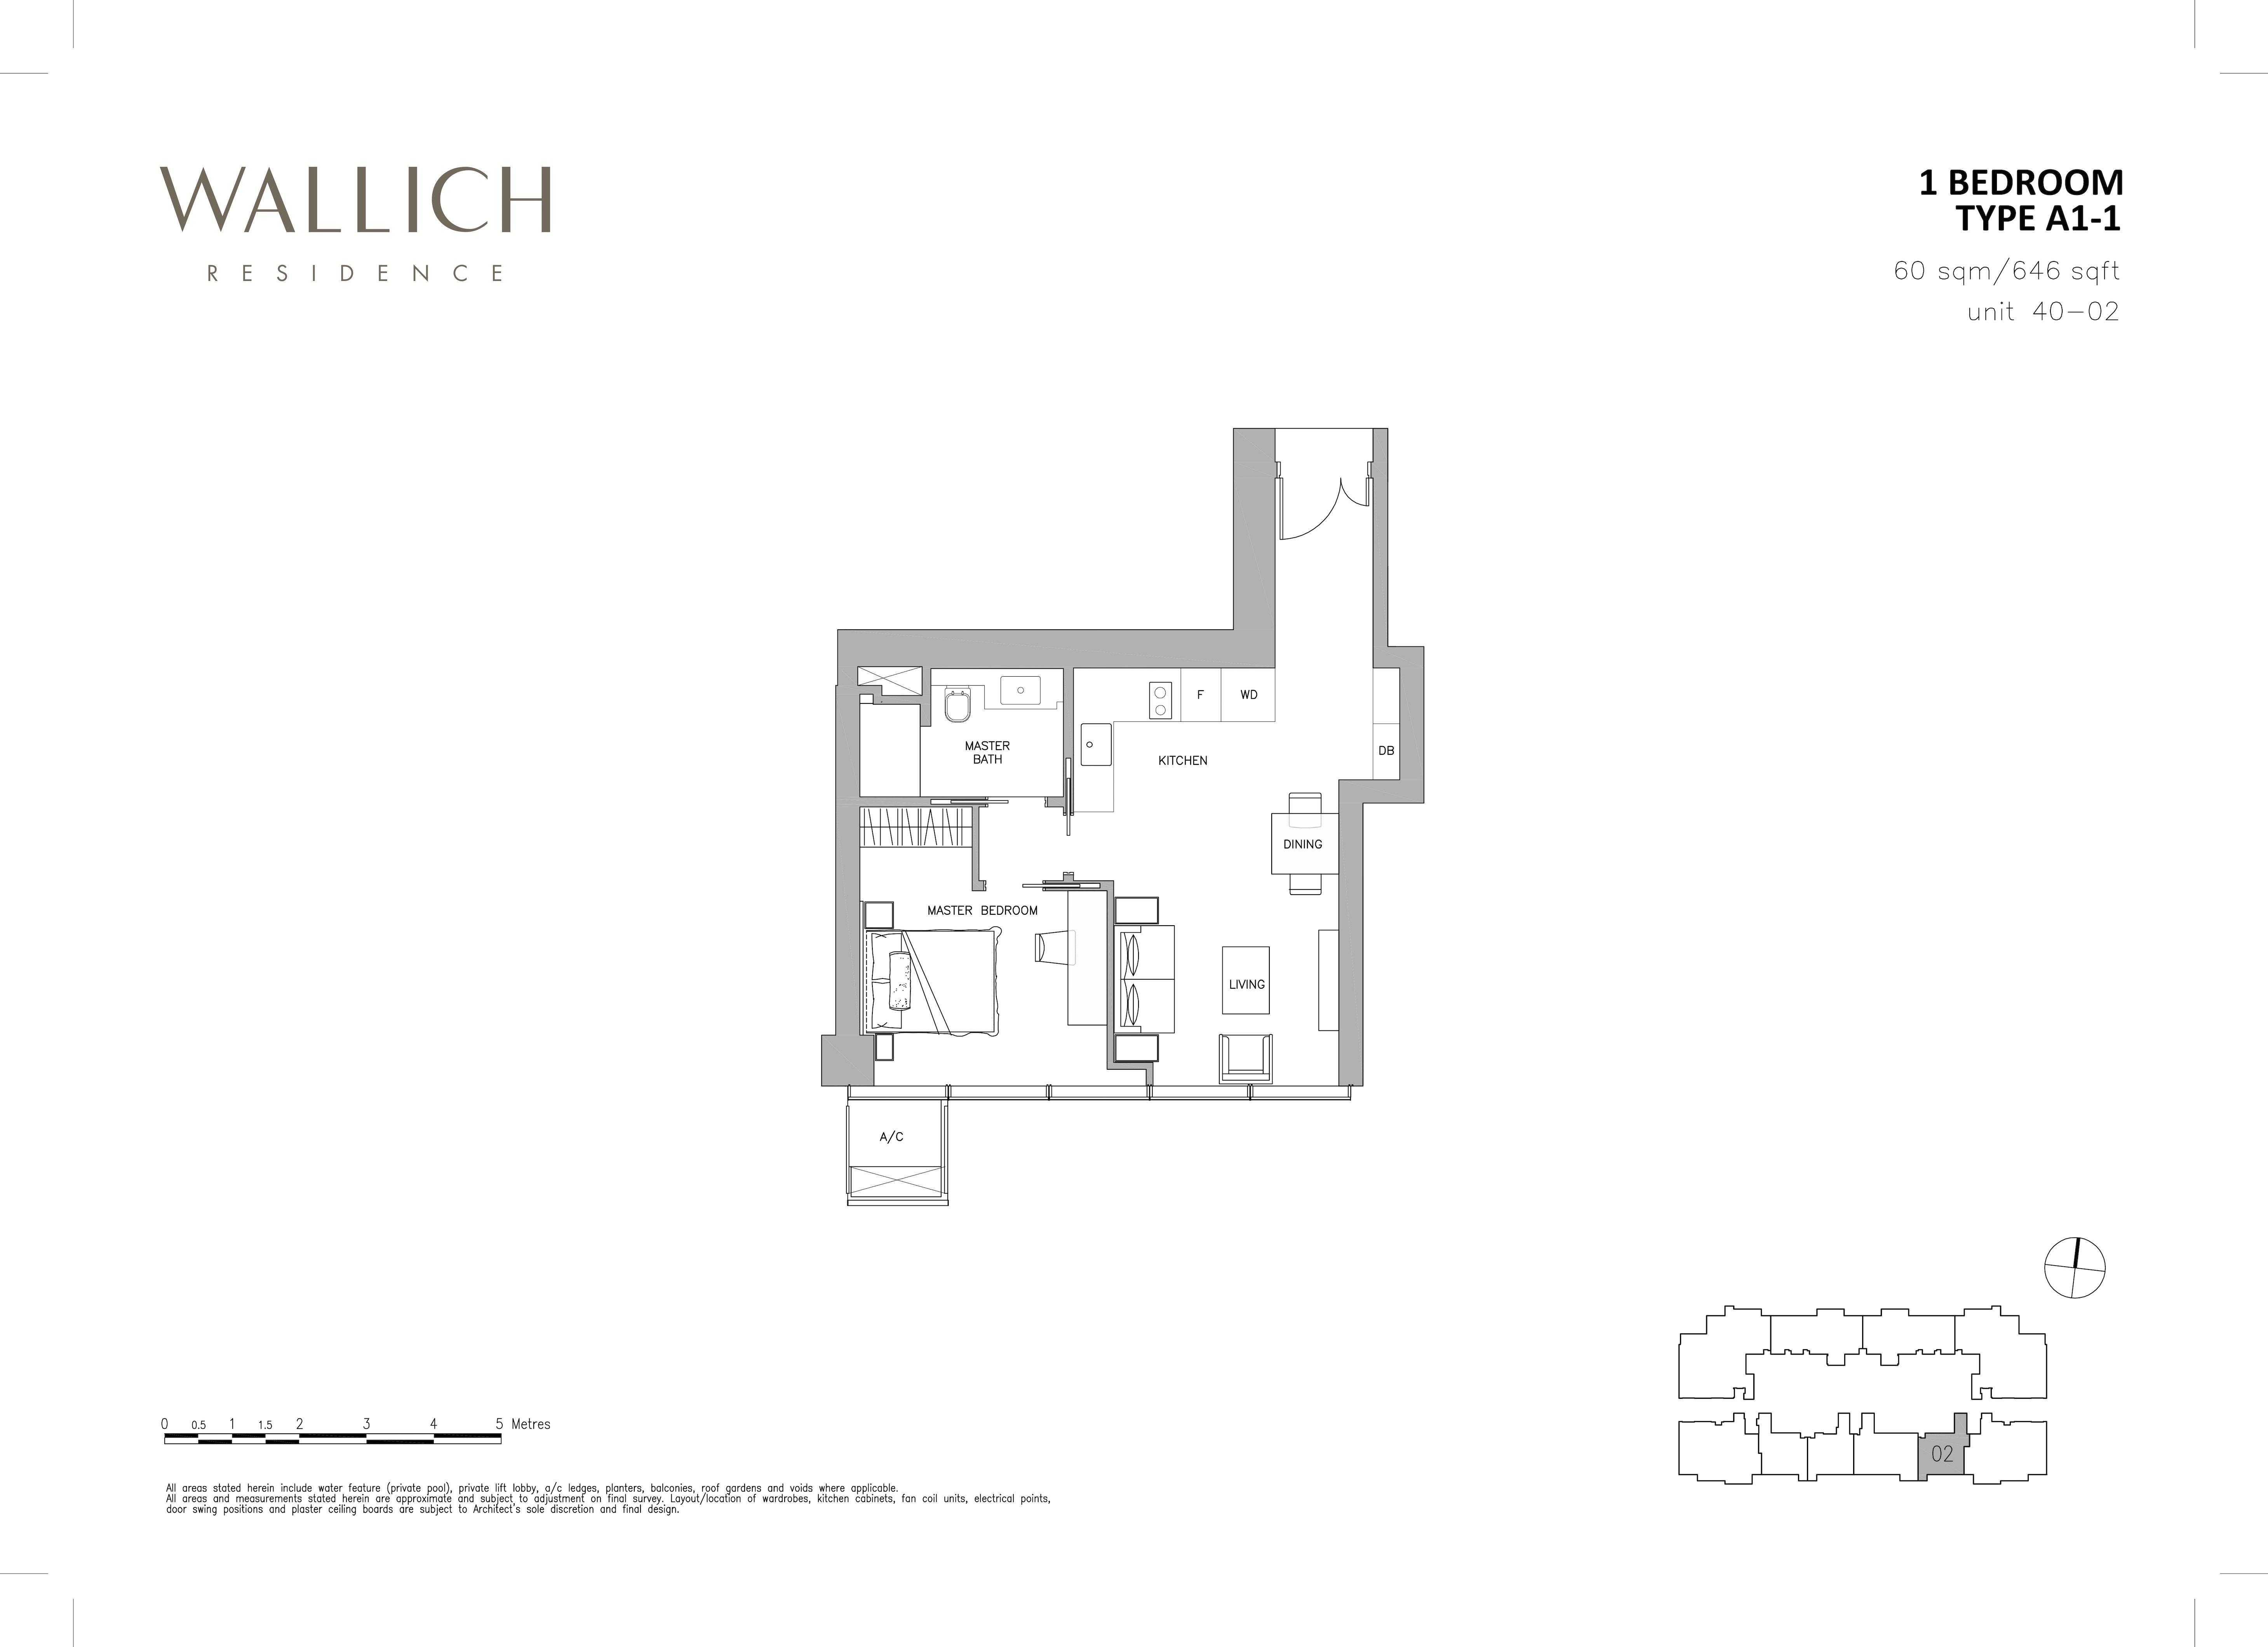 华利世家 wallich residence 1-Bedroom floor plan edit